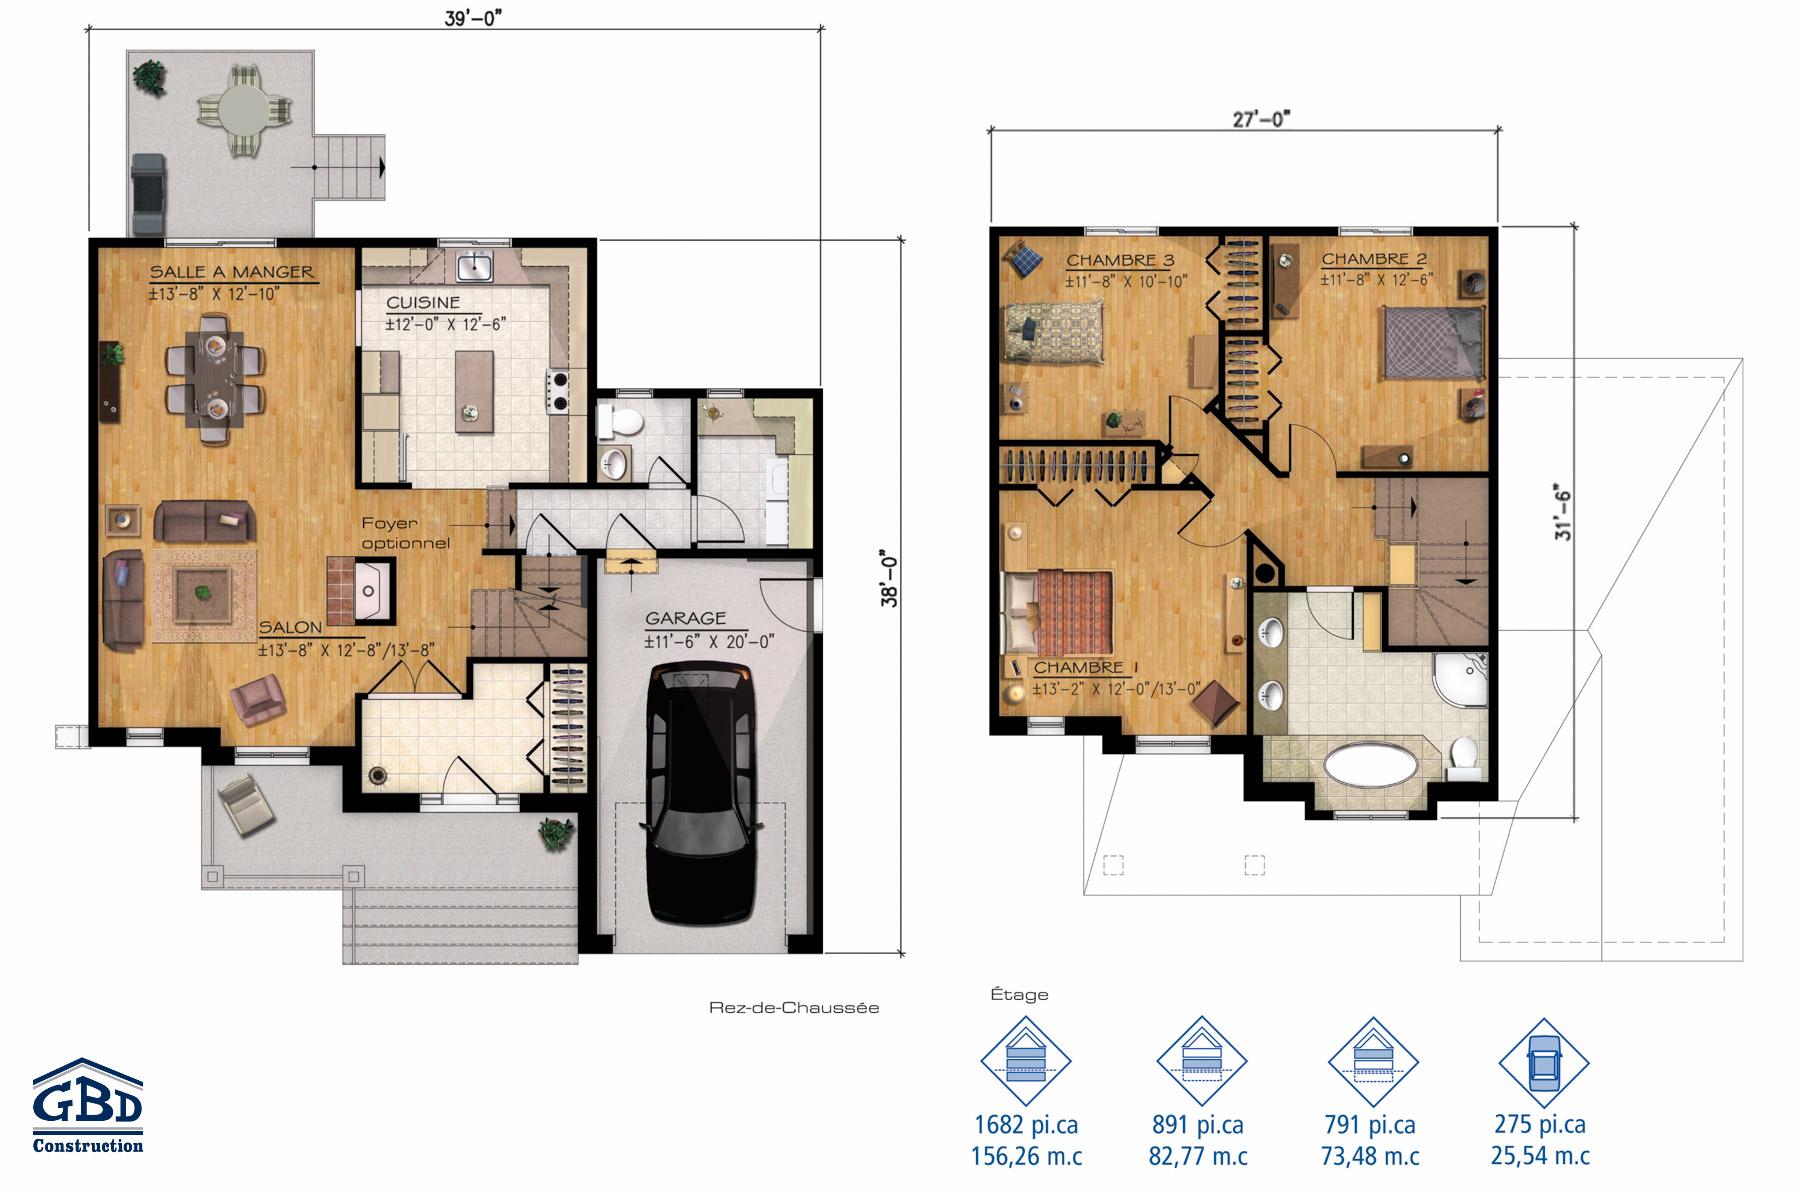 Chaumi re maison neuve deux tages de type cottage for Plan maison deux etages